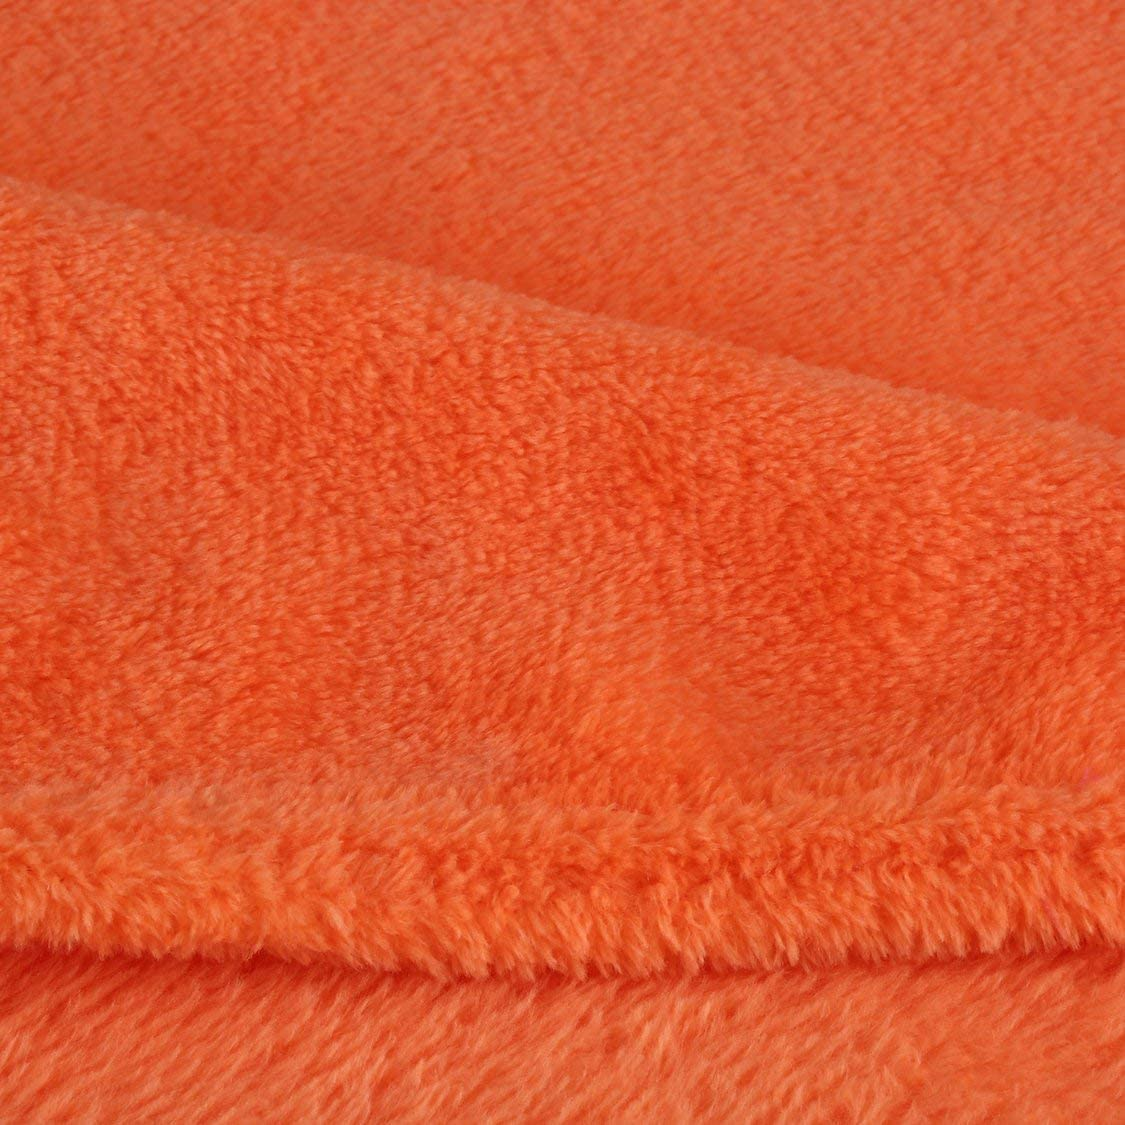 Arancione Vige Coperta per Divano Letto Matrimoniale in Corallo di Colore Solido Confortevole Coperta